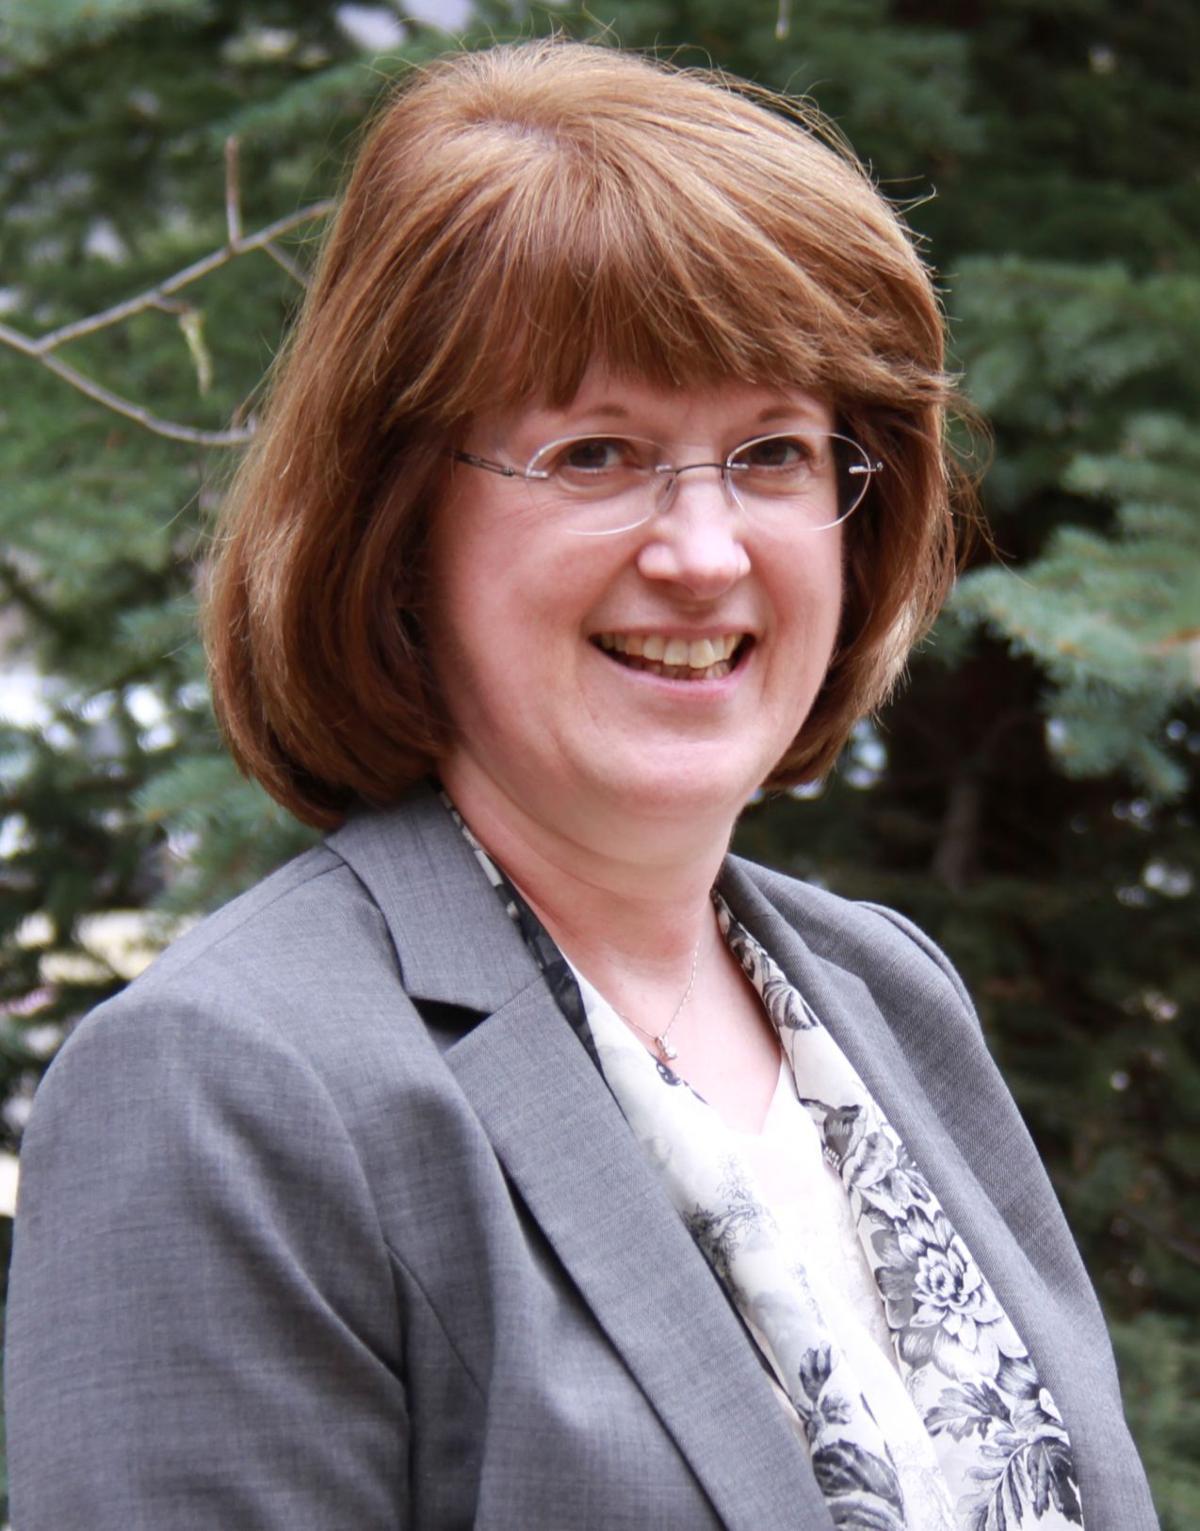 GwenCarol Holmes